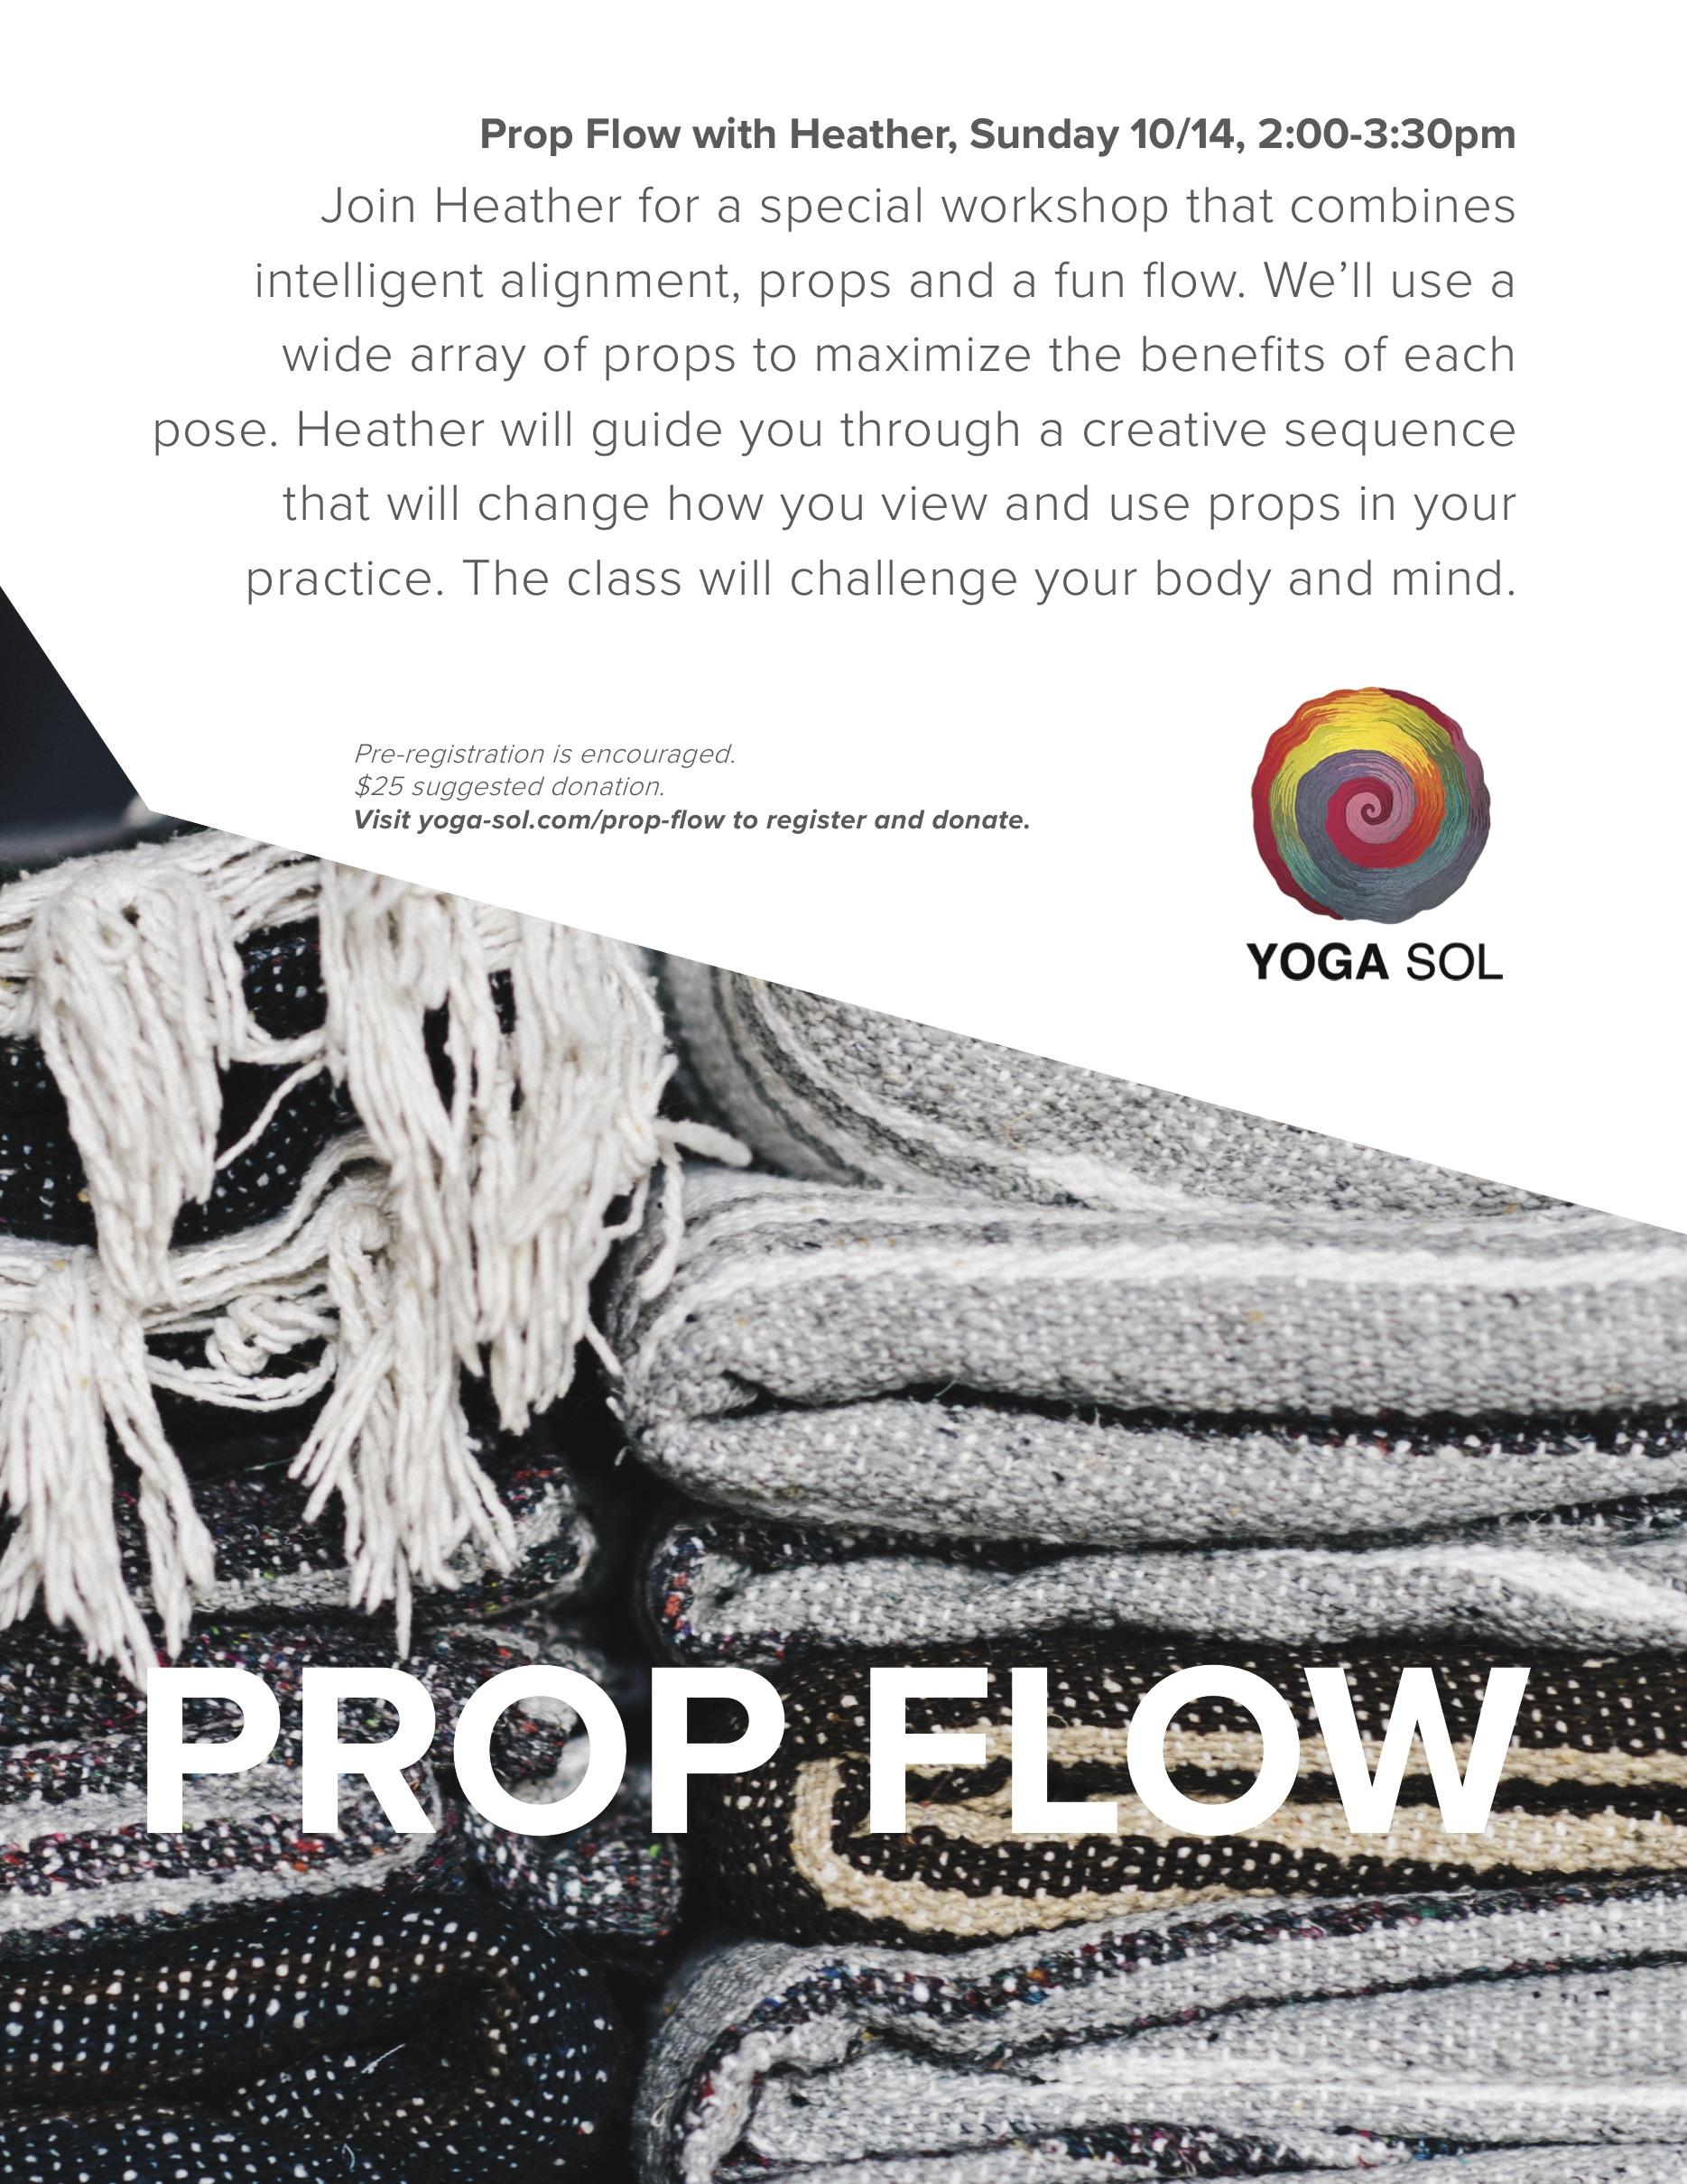 2018 10 14 prop flow.jpg